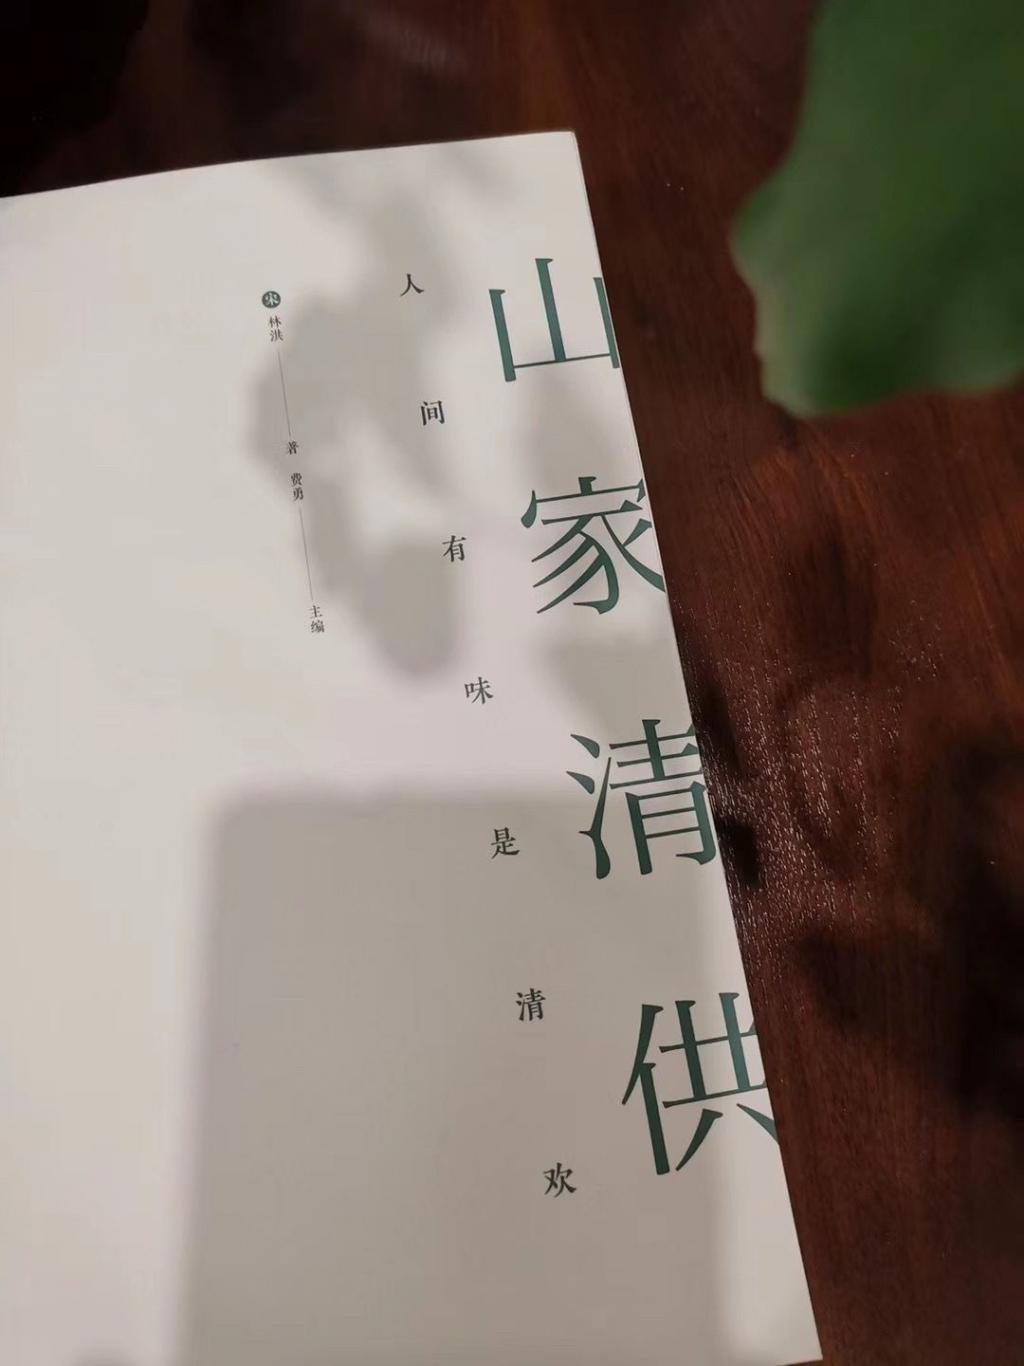 他把食谱写成了经典 林洪,宋代晋江(今福建泉州)人,生卒年不详,曾中图片